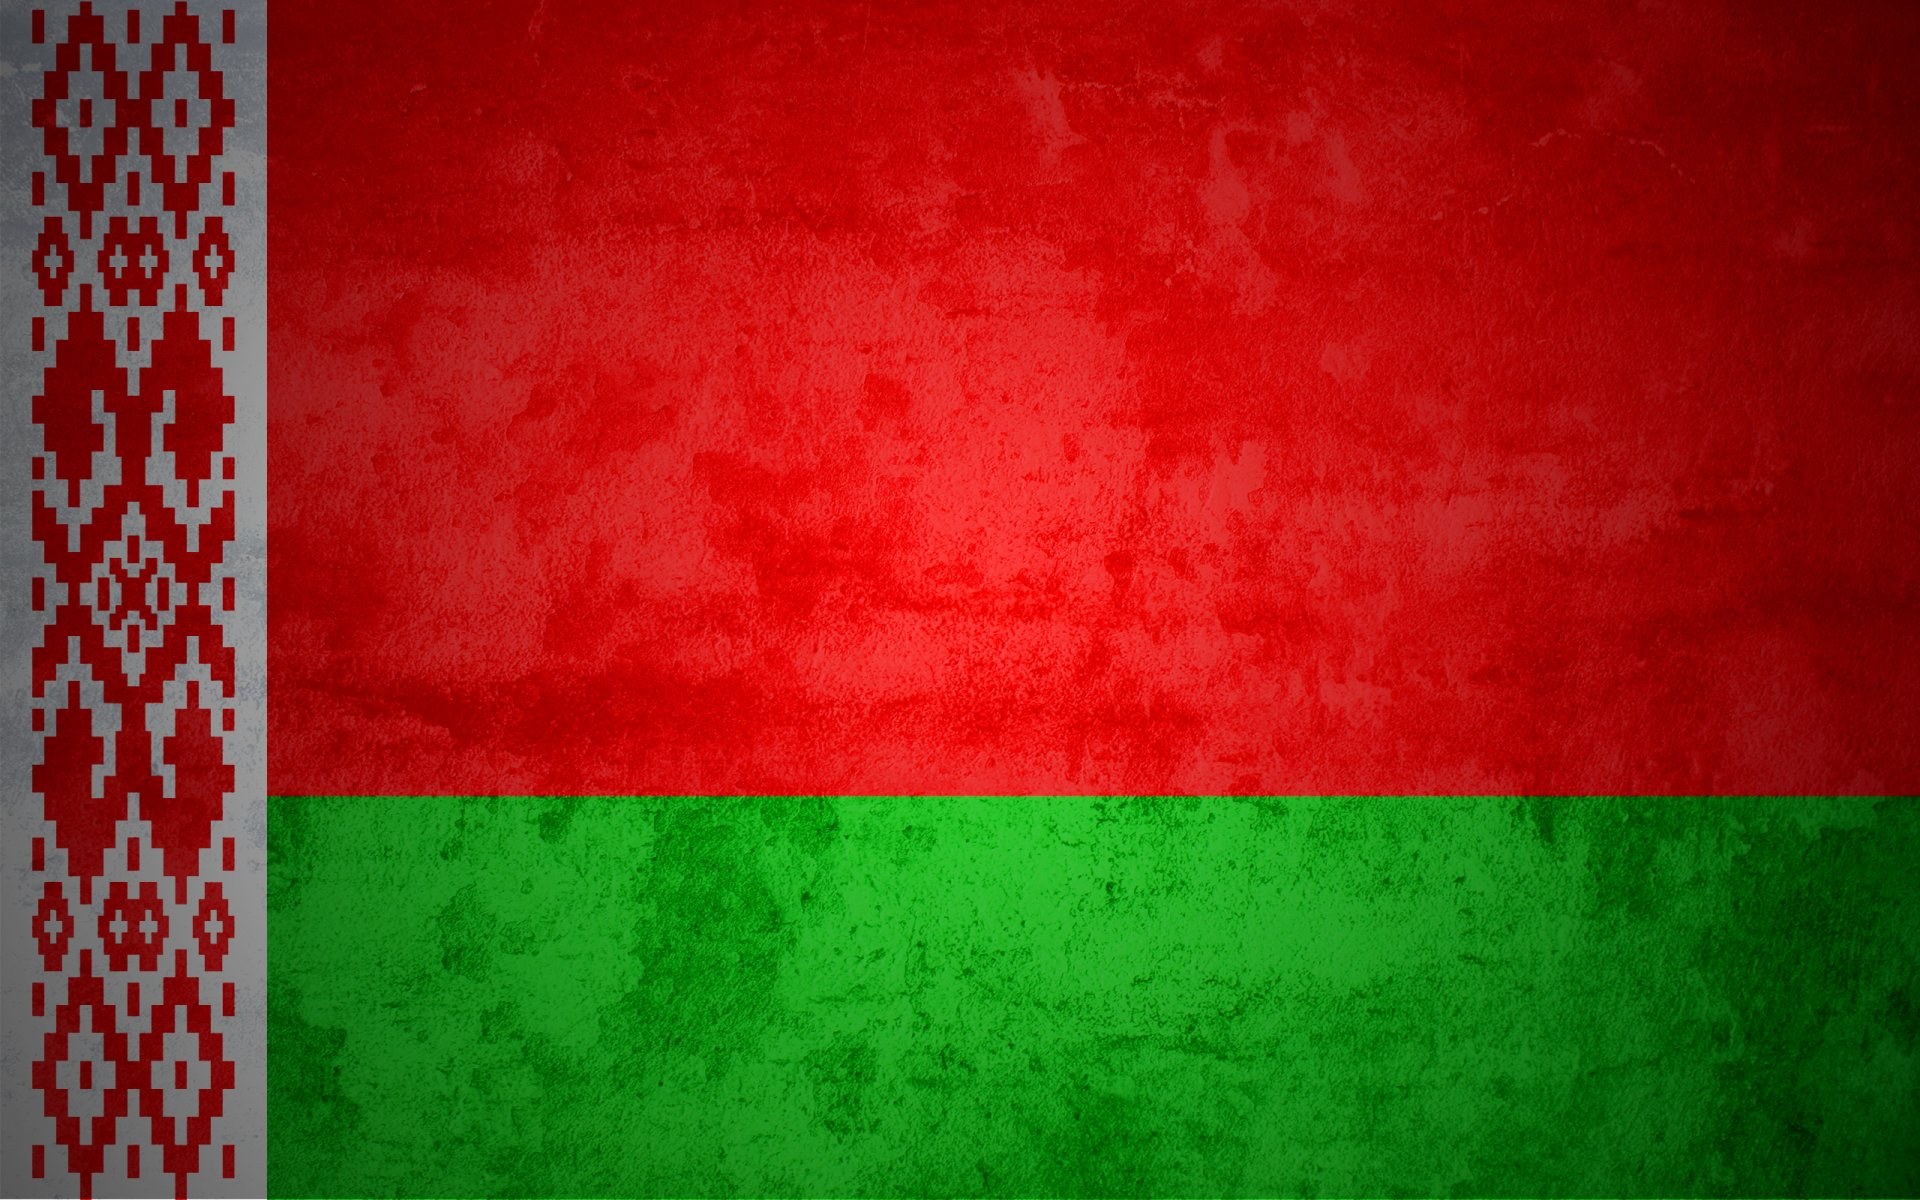 белорусский флаг обои на рабочий стол № 540599  скачать